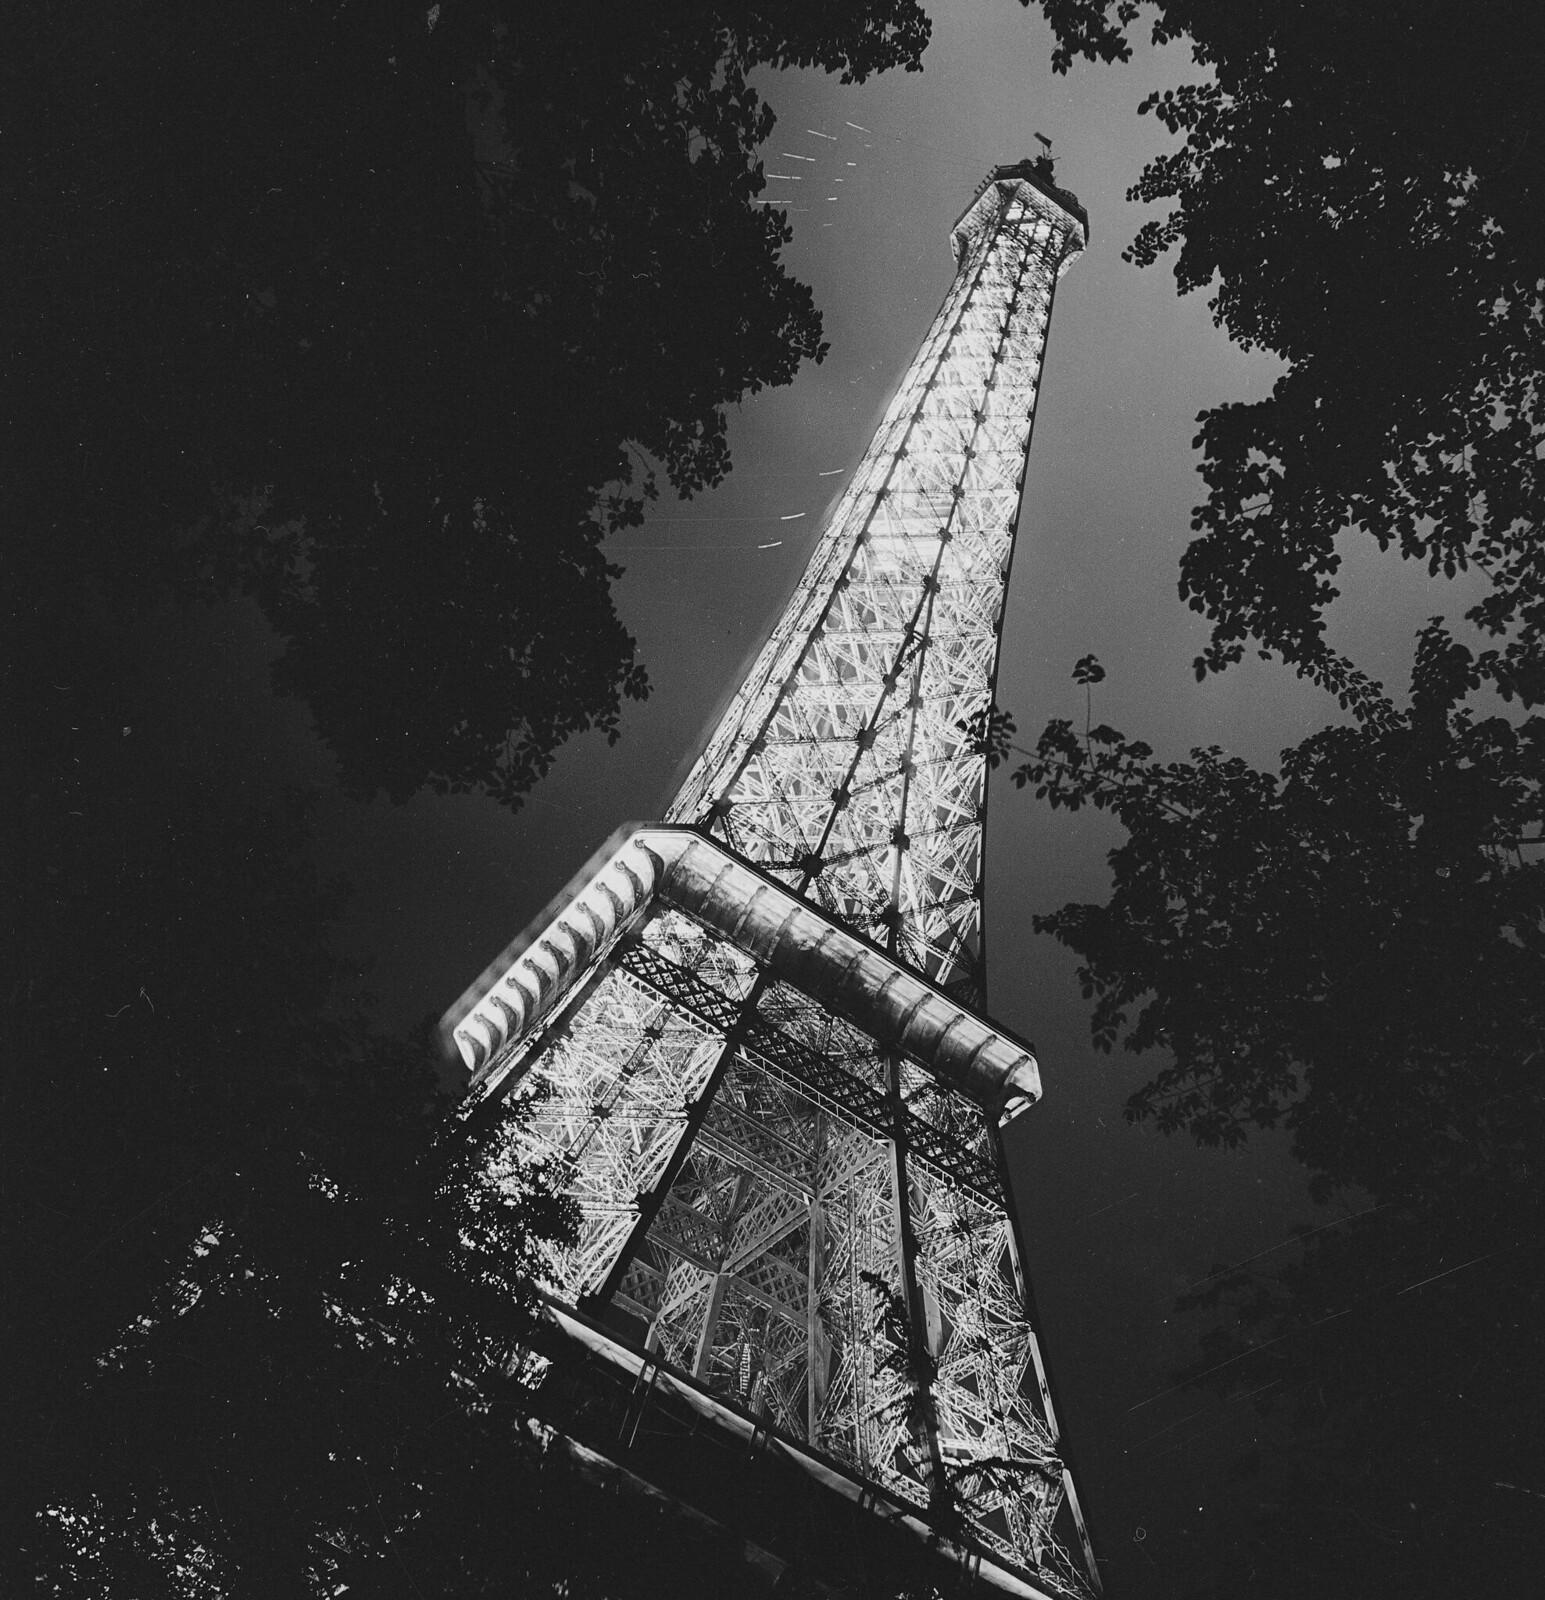 16. 1937. Всемирная выставка. Ночная подсветка Эйфелевой башни